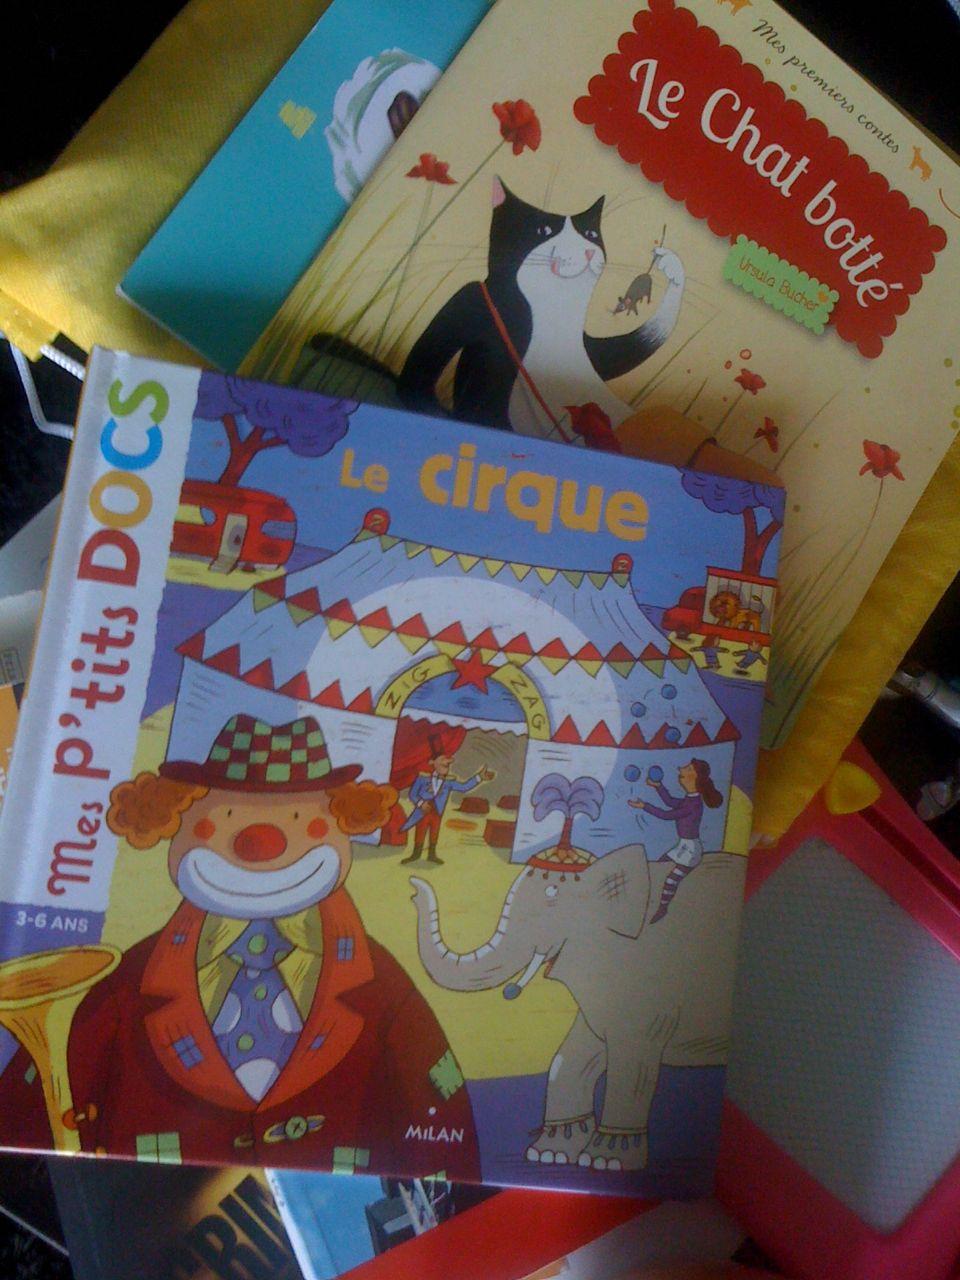 Le cirque de Mes ptits docs